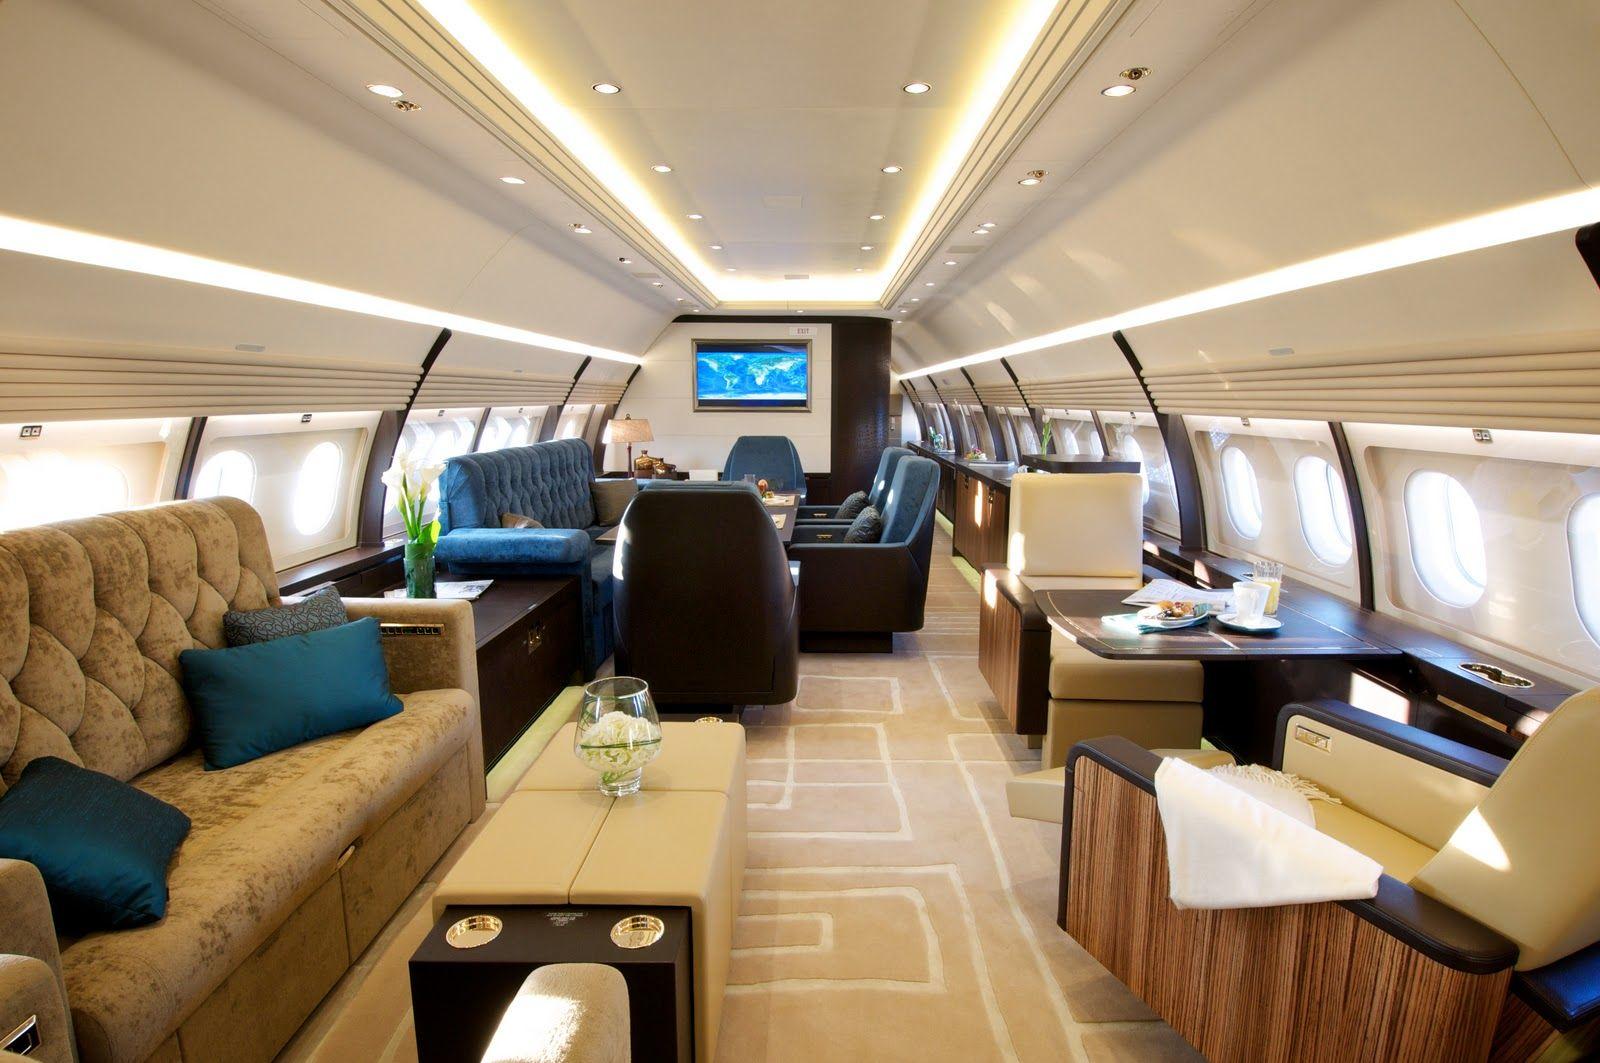 luxury jet interior images airbus acj318 ptivate